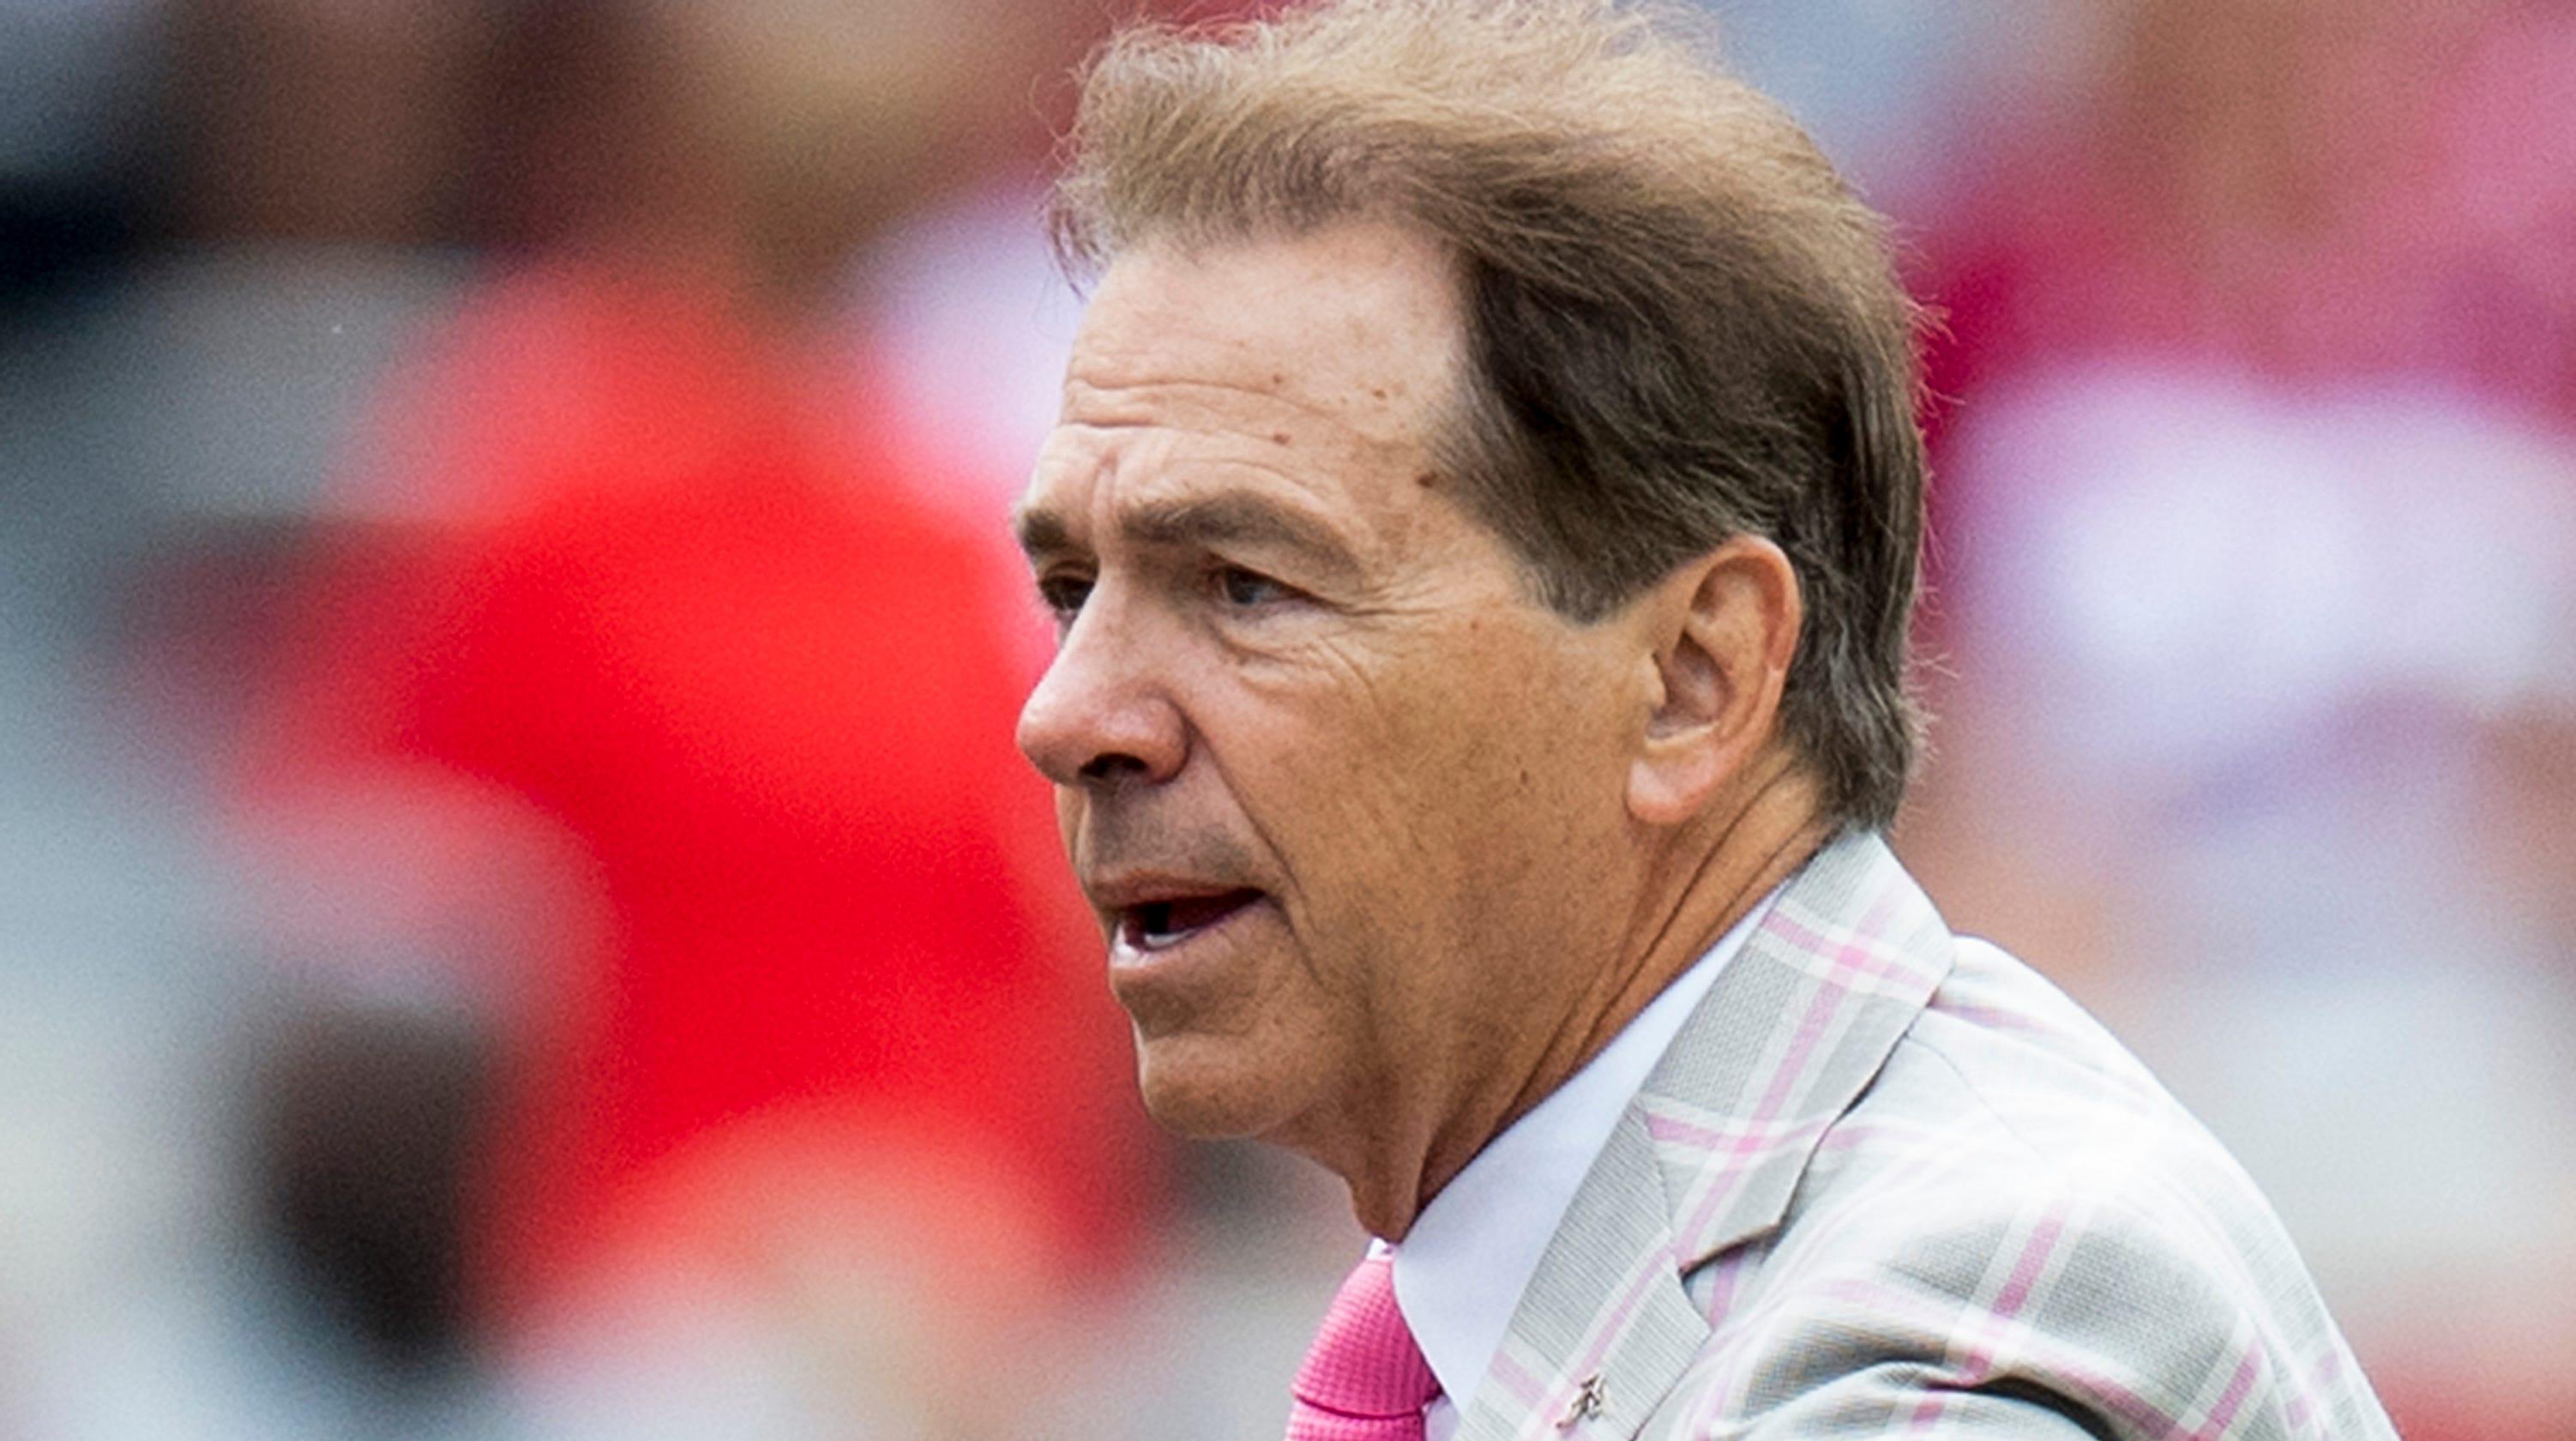 Nick Saban: Alabama coach's hip-replacement surgery goes well